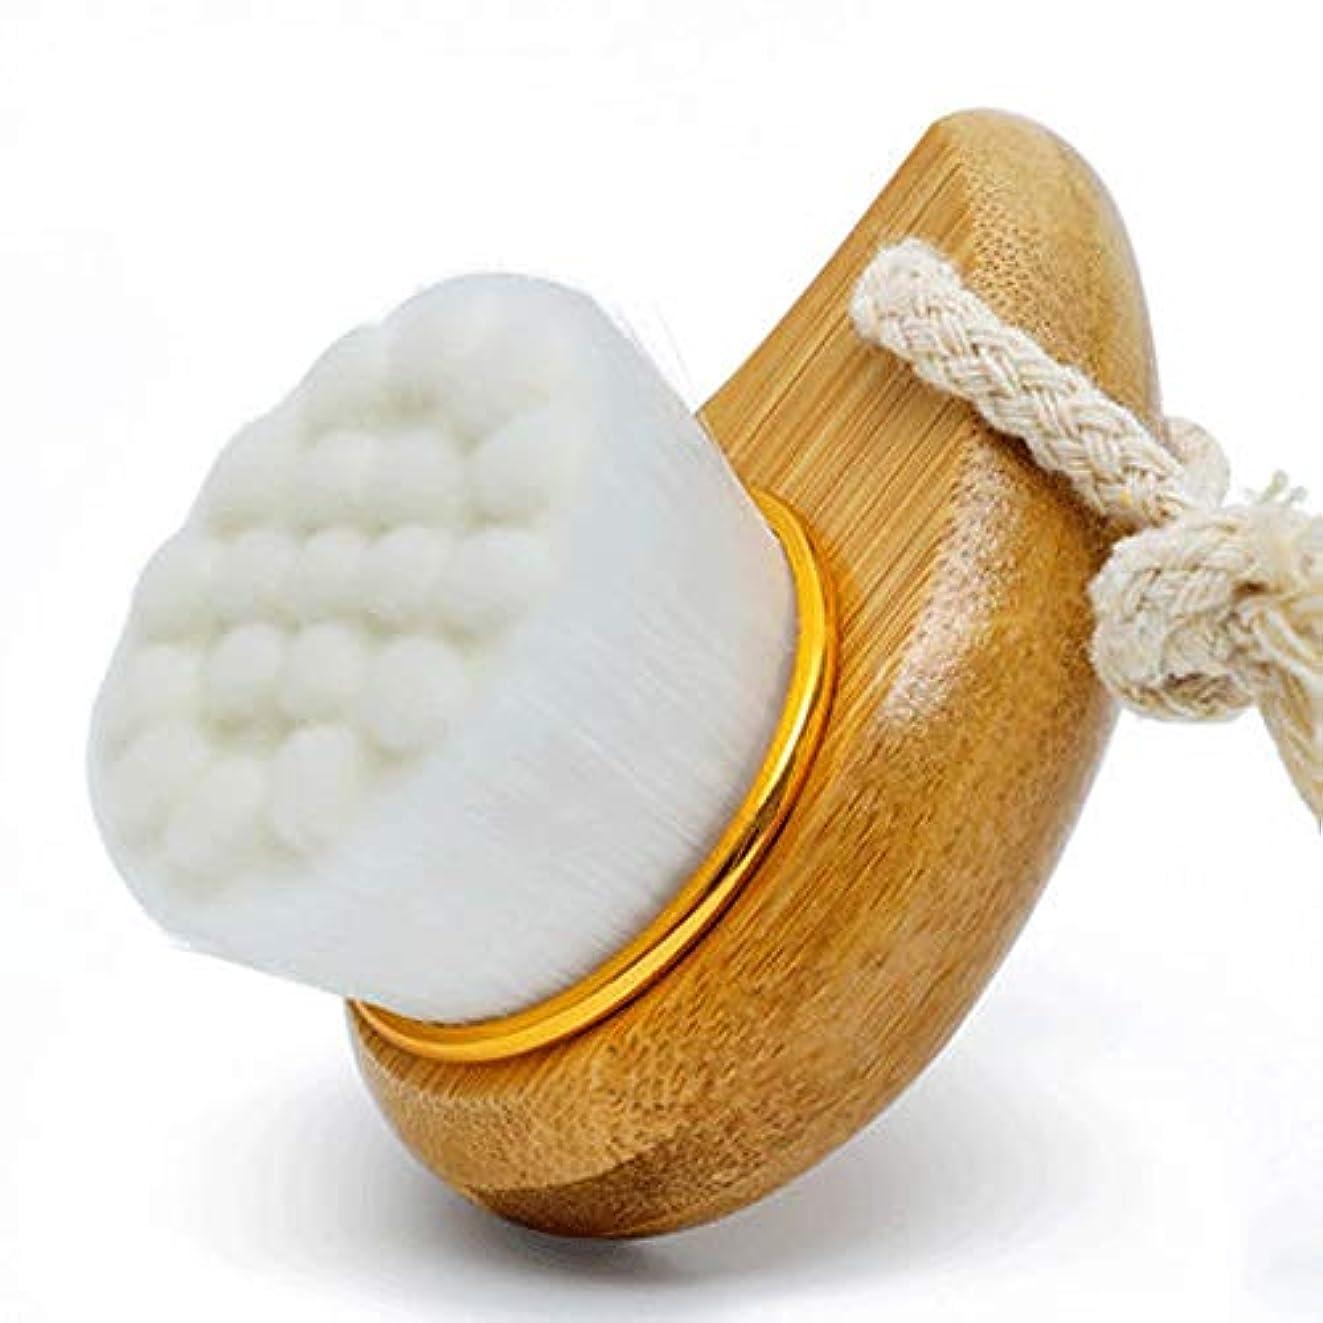 スリッパレビュアーインタフェースHEHUIHUI- クレンジングブラシ、防水ディープクレンジングポア、電気剥離、にきび、アンチエイジングクレンジングブラシ(ホワイト) (Color : White)